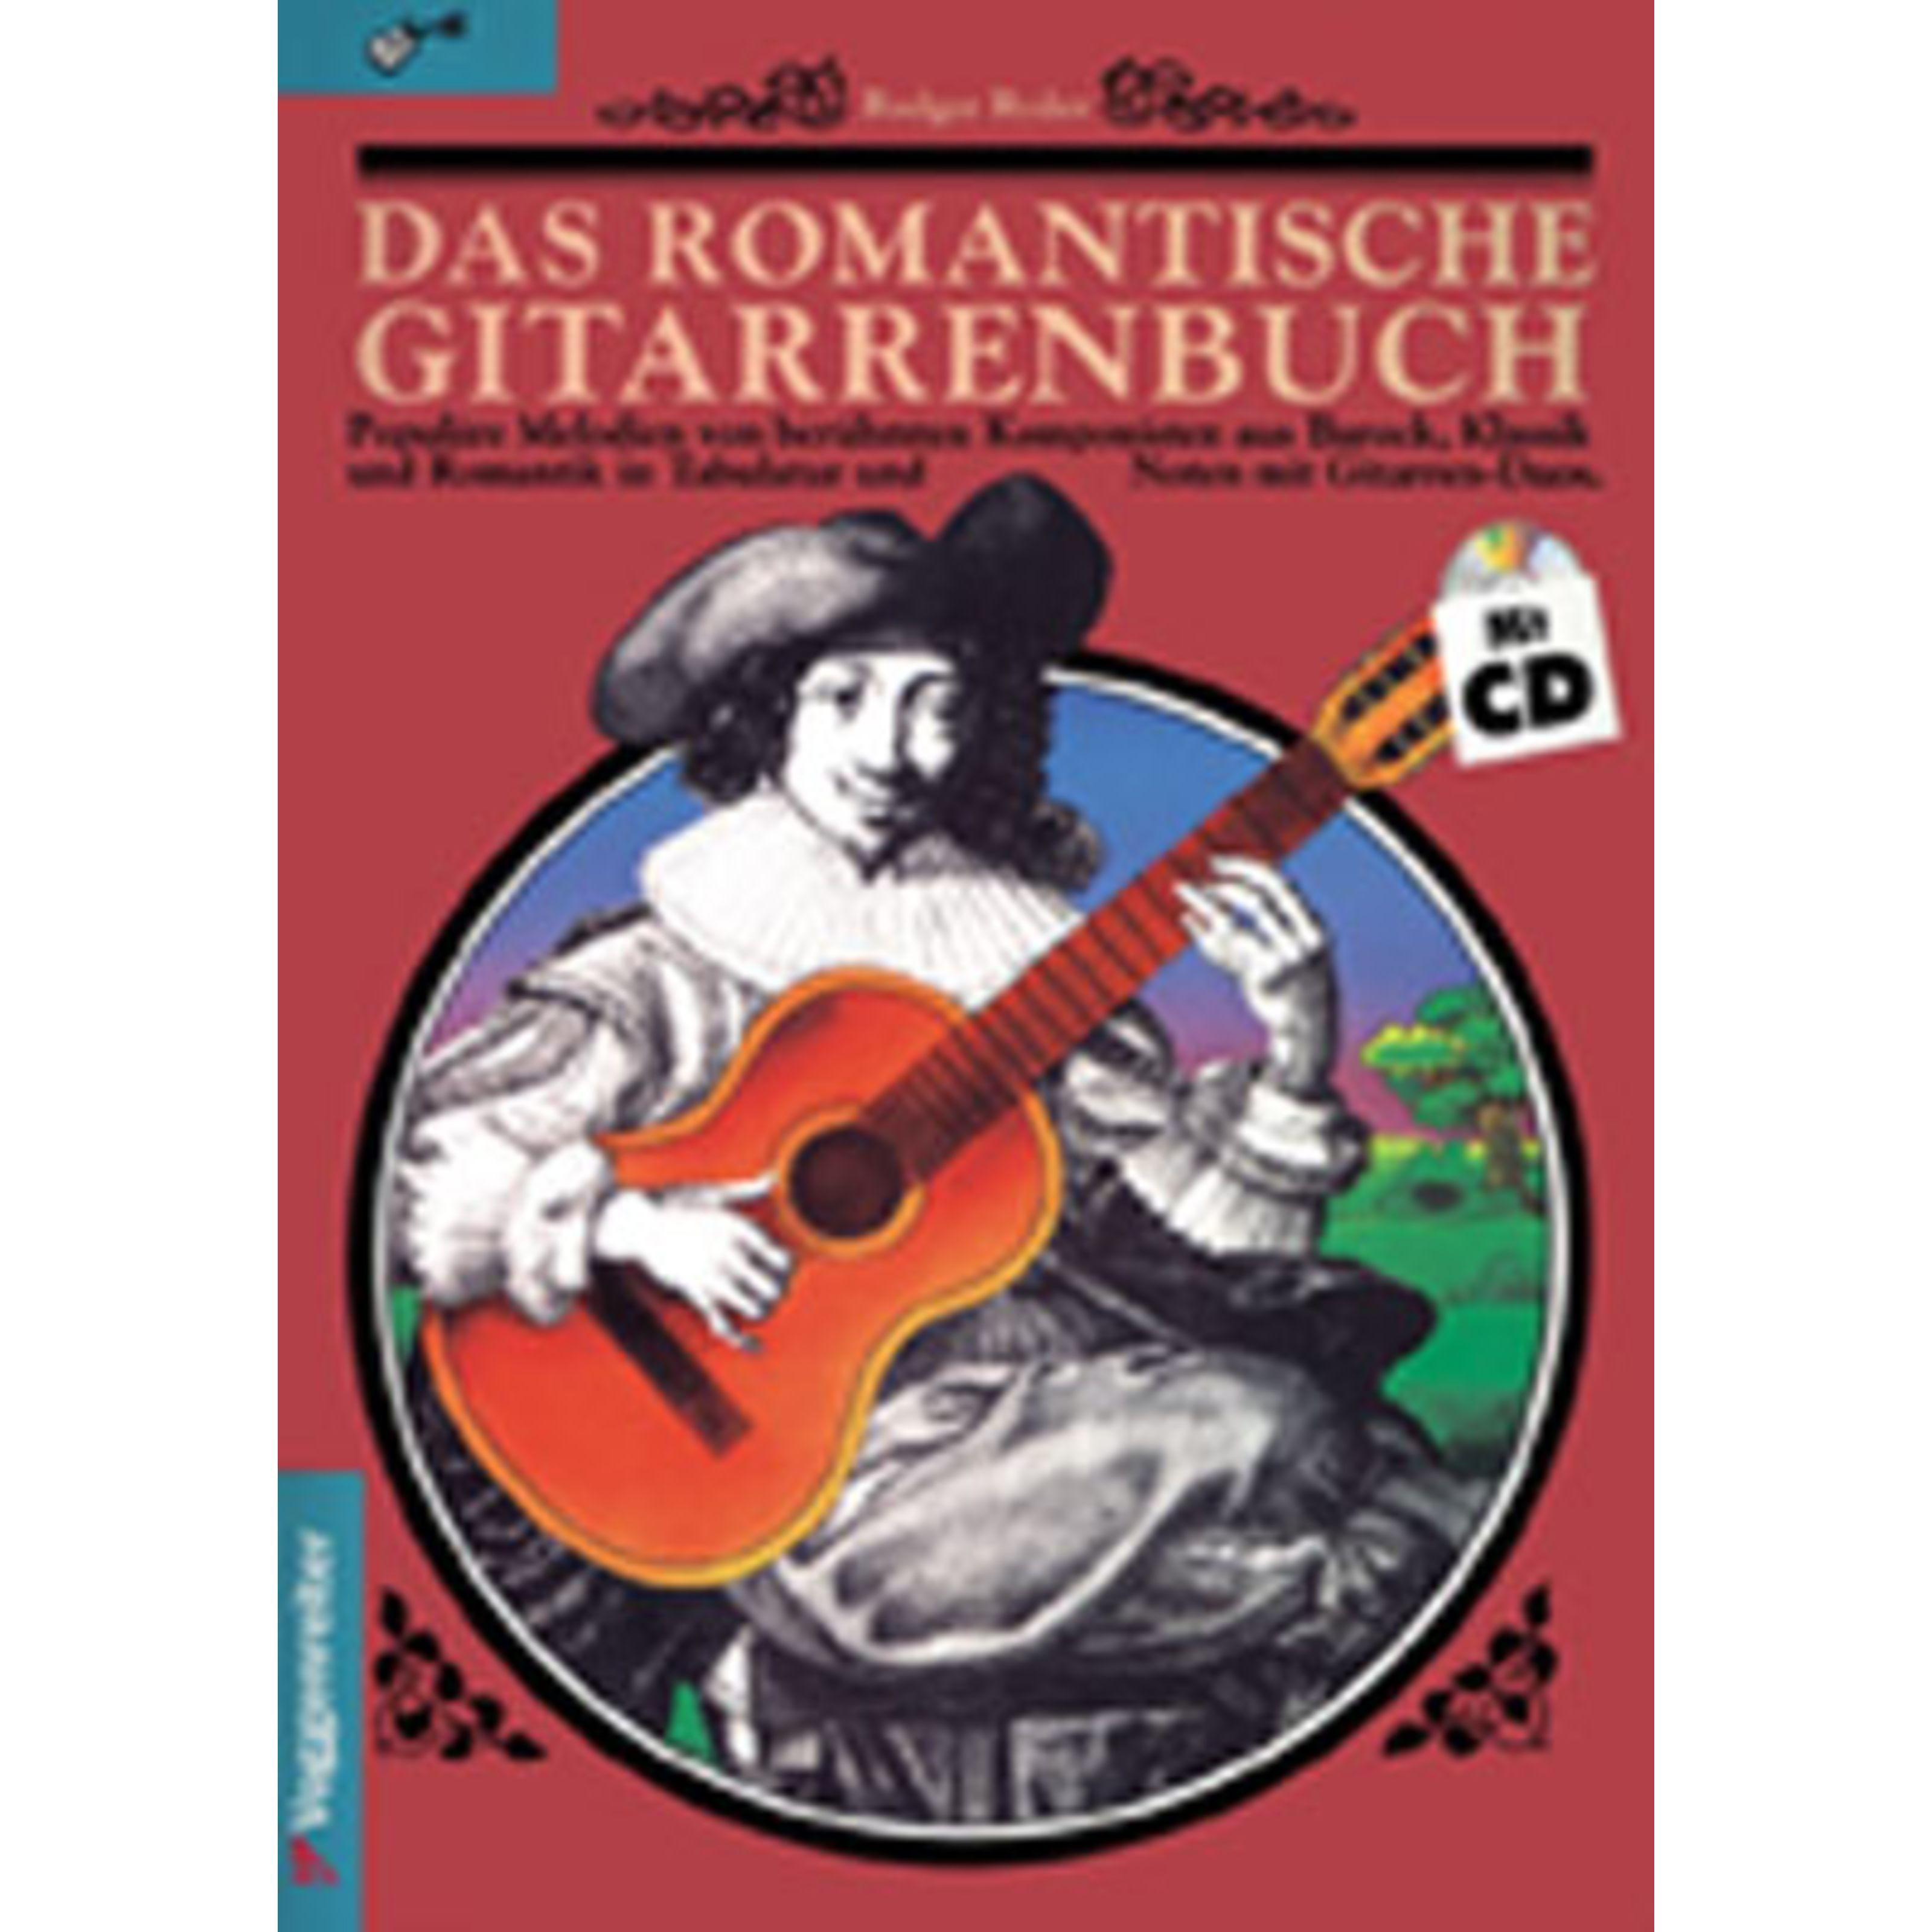 Voggenreiter - Das romantische Gitarrenbuch 0264-7